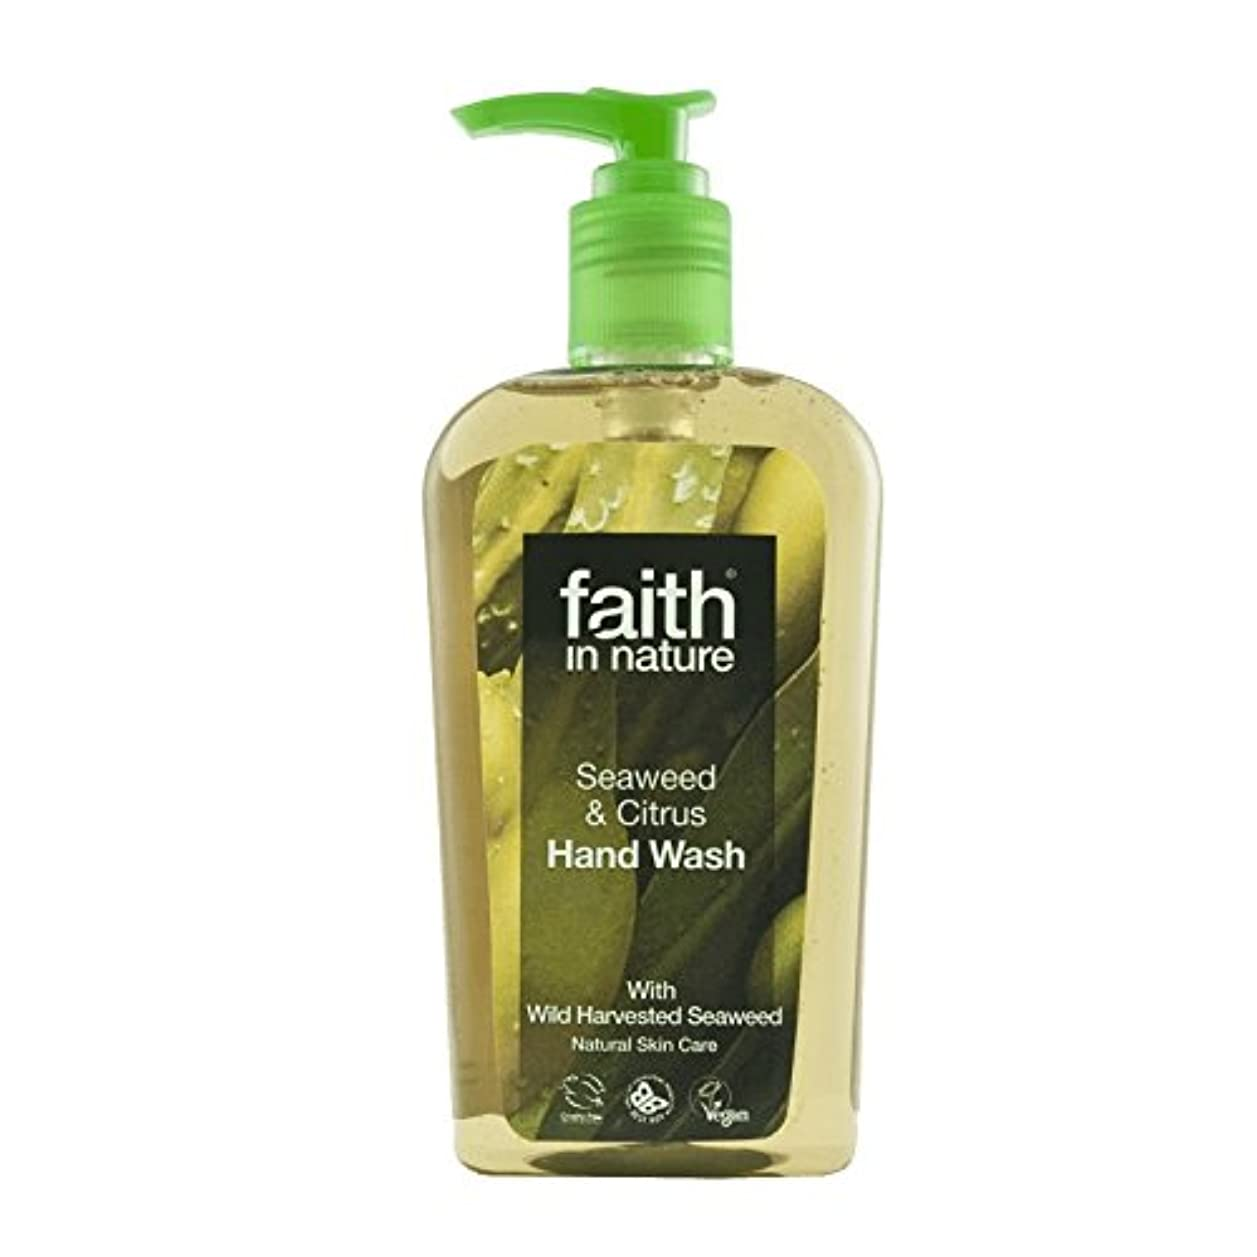 なぜなら北方有力者自然海藻手洗いの300ミリリットルの信仰 - Faith In Nature Seaweed Handwash 300ml (Faith in Nature) [並行輸入品]